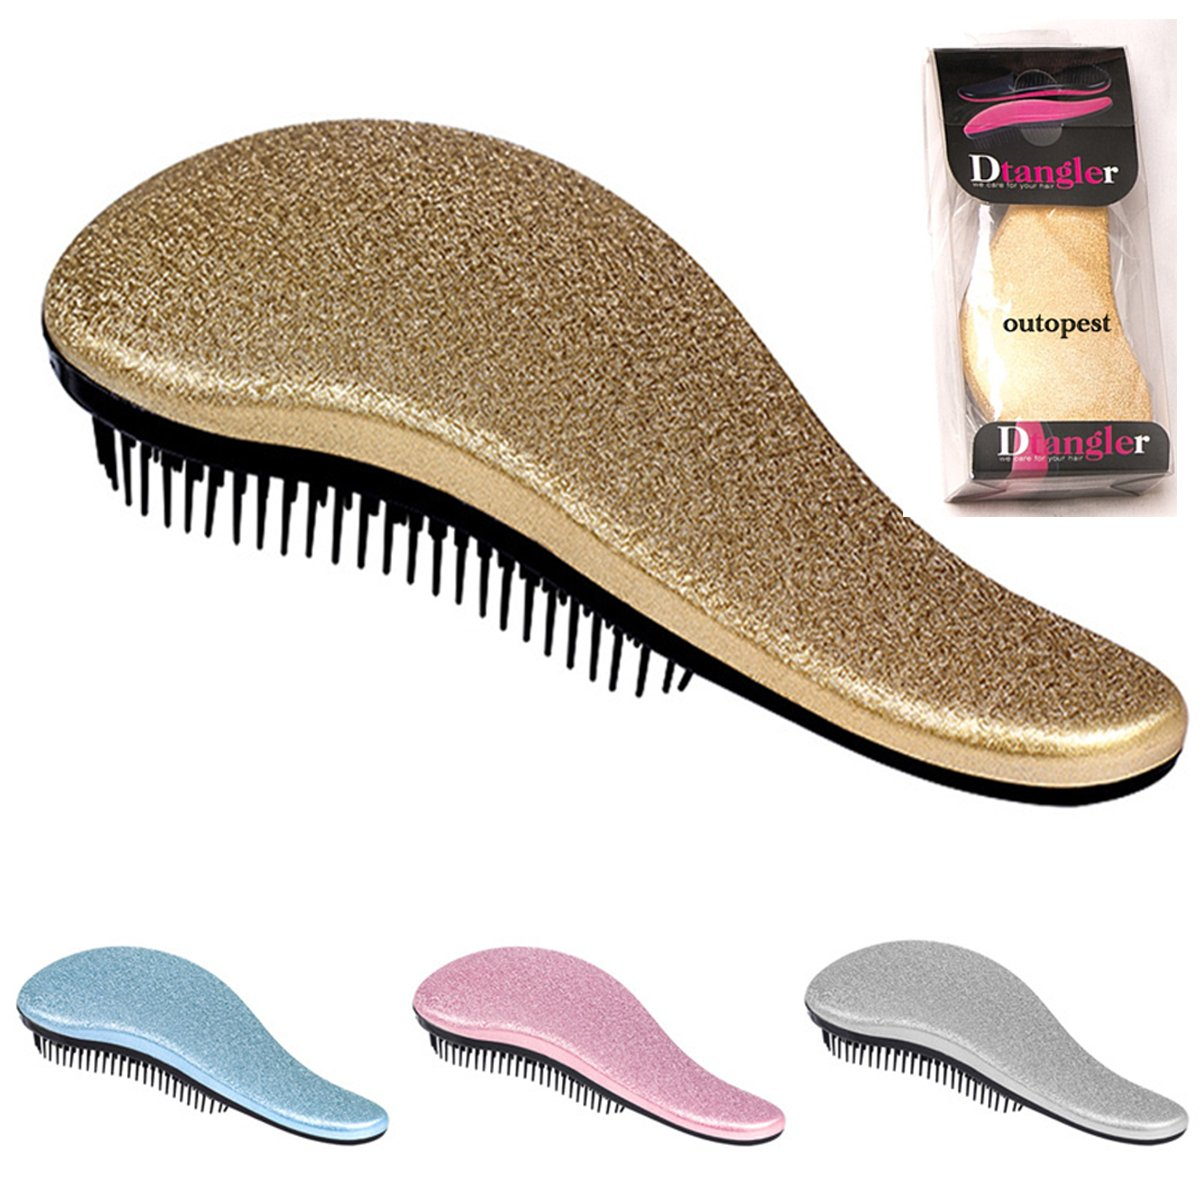 Detangling Hairbrush Comb- Glide Through All Types of Natural & Tangled Hair - Dry & Wet Hair Brush- Gold Sparkle Hair Detangler Brush - For Kids, Women, Men (Gold) by Outopest (Image #1)